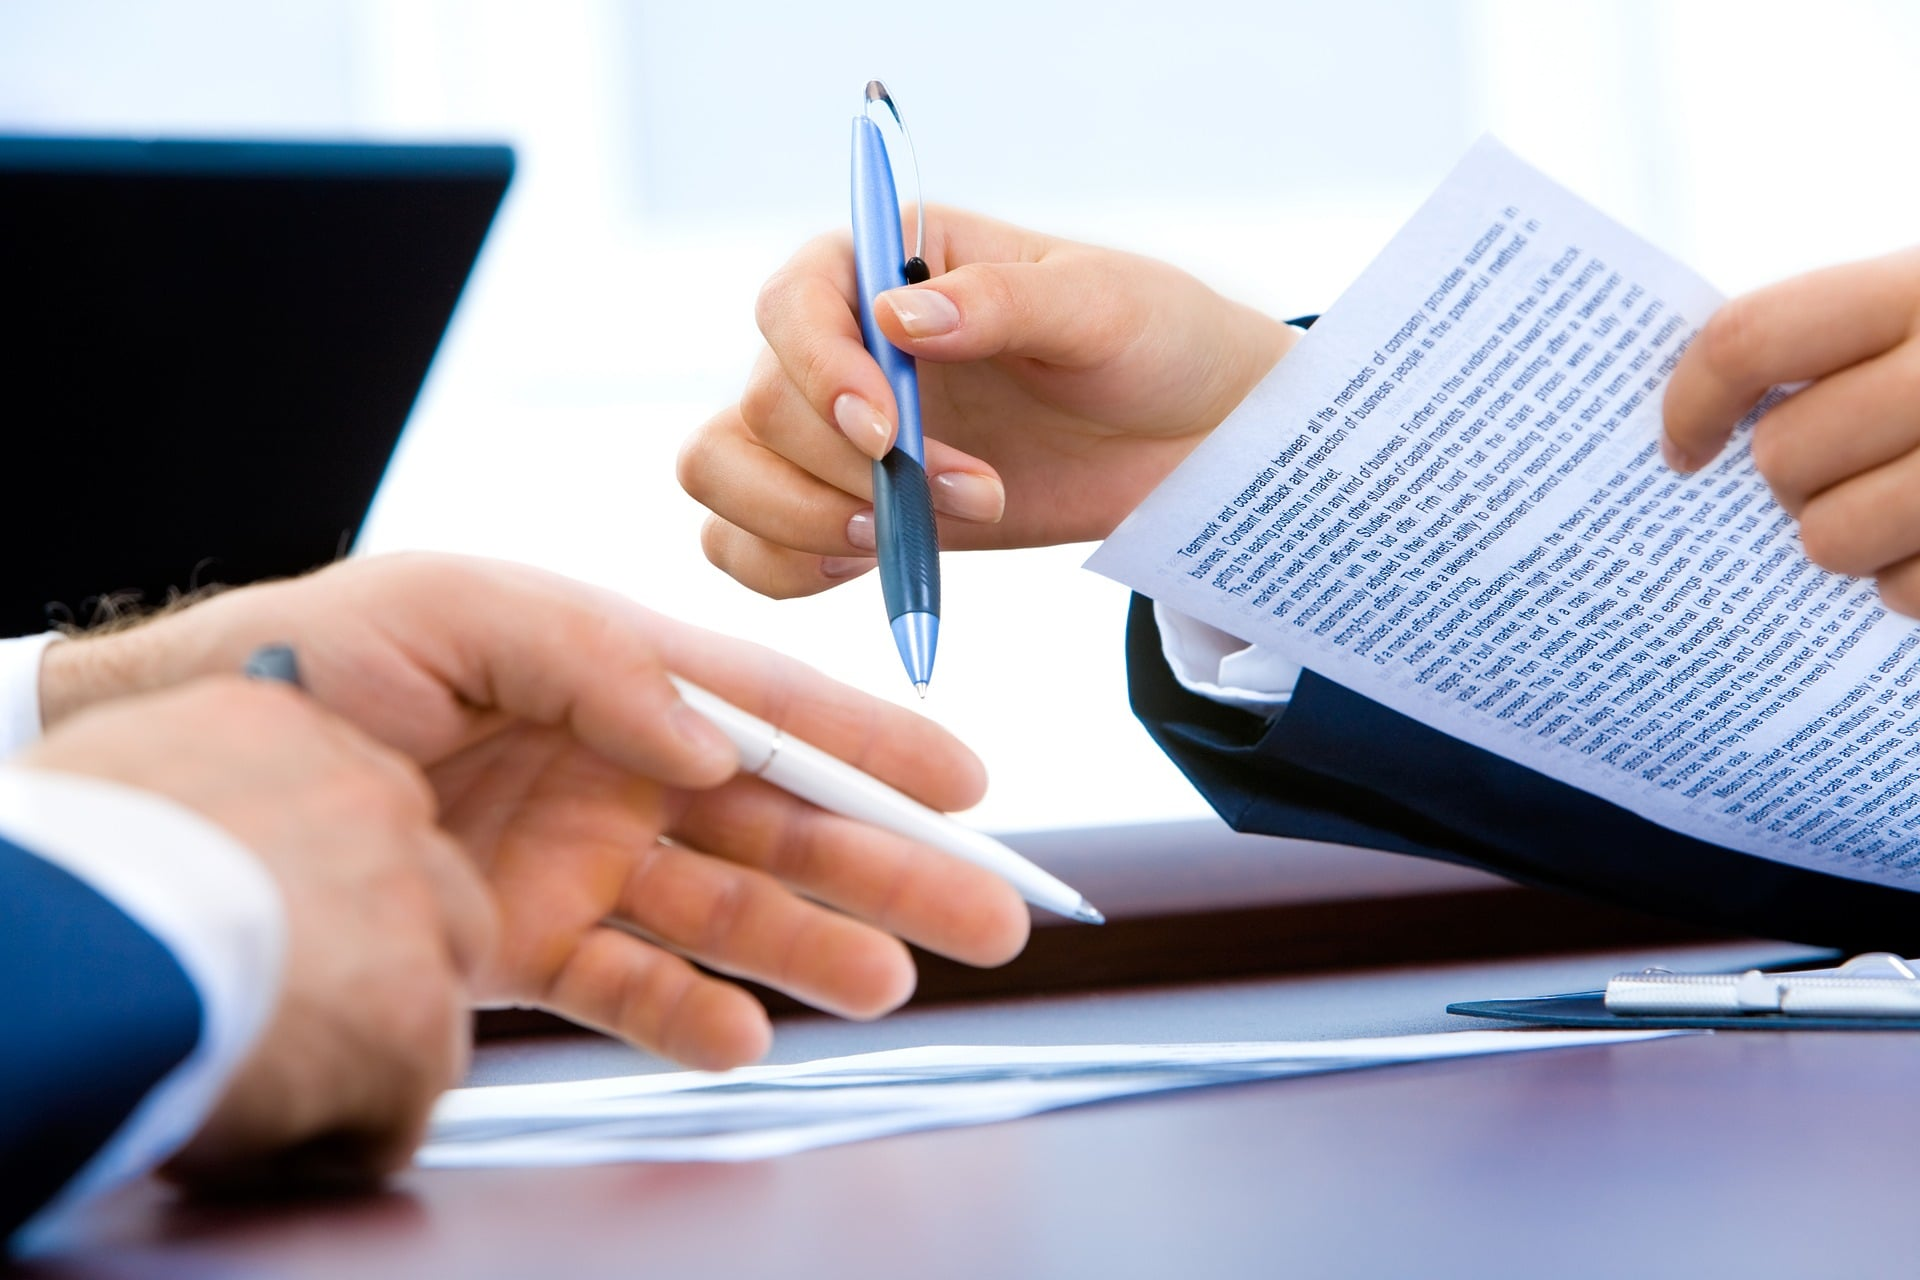 Contrat de travail : peut-il être modifié sans l'accord du salarié ?